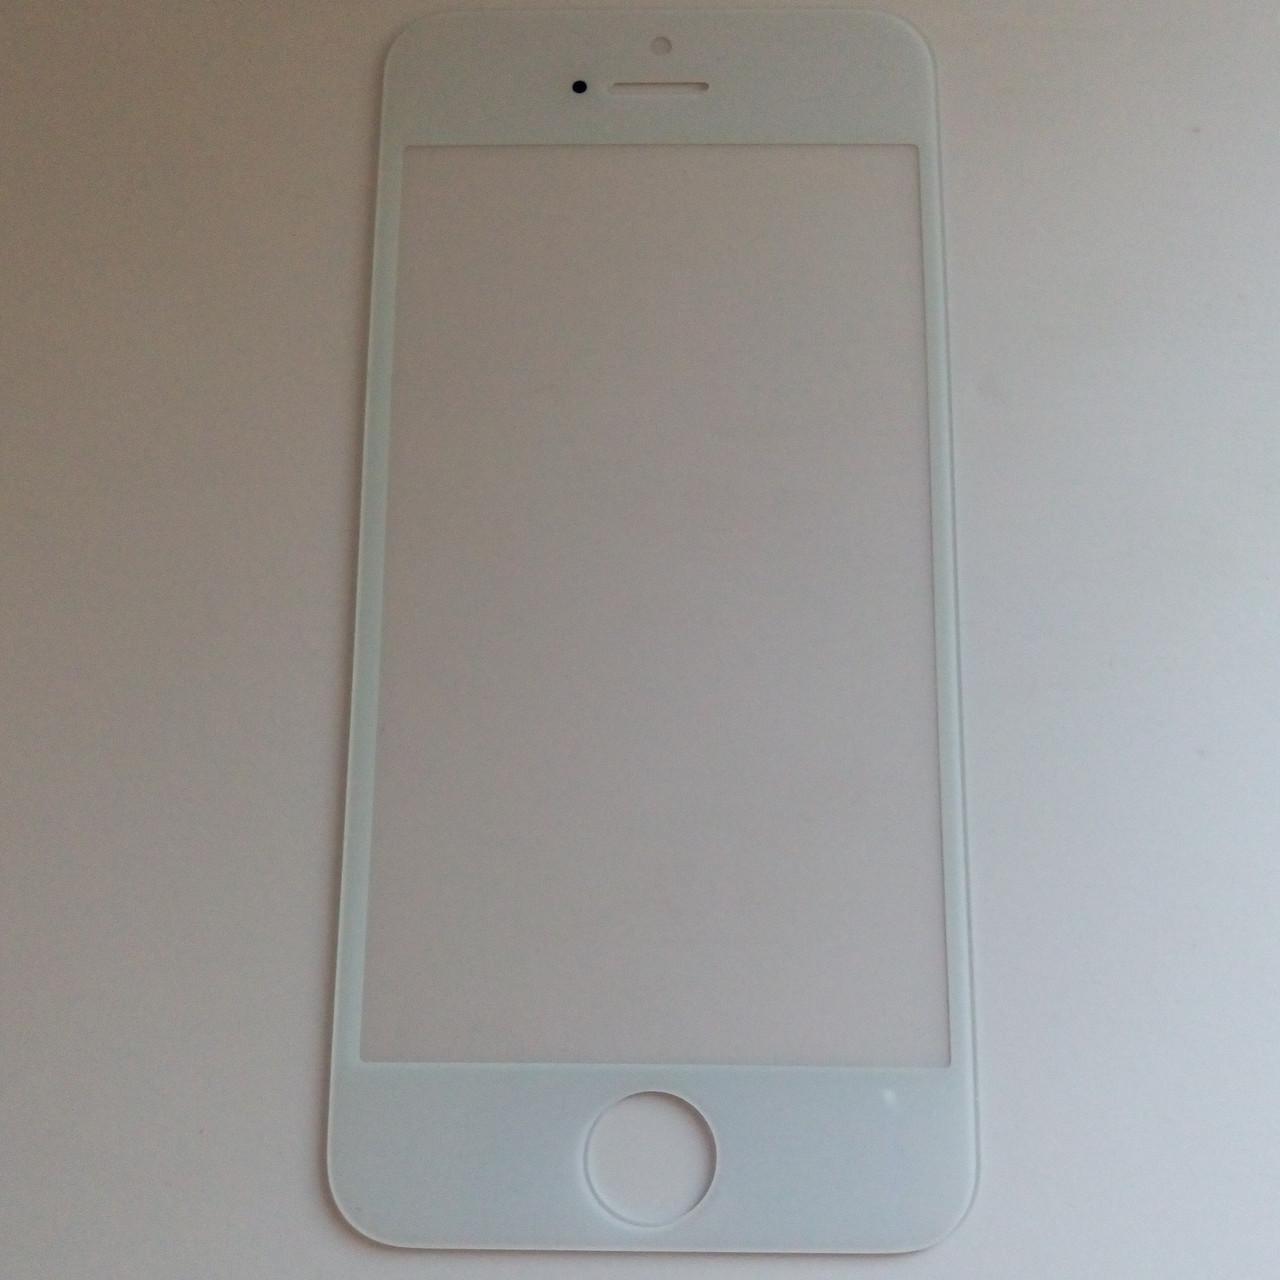 Стекло корпуса для Apple iPhone 5,5c,5s white